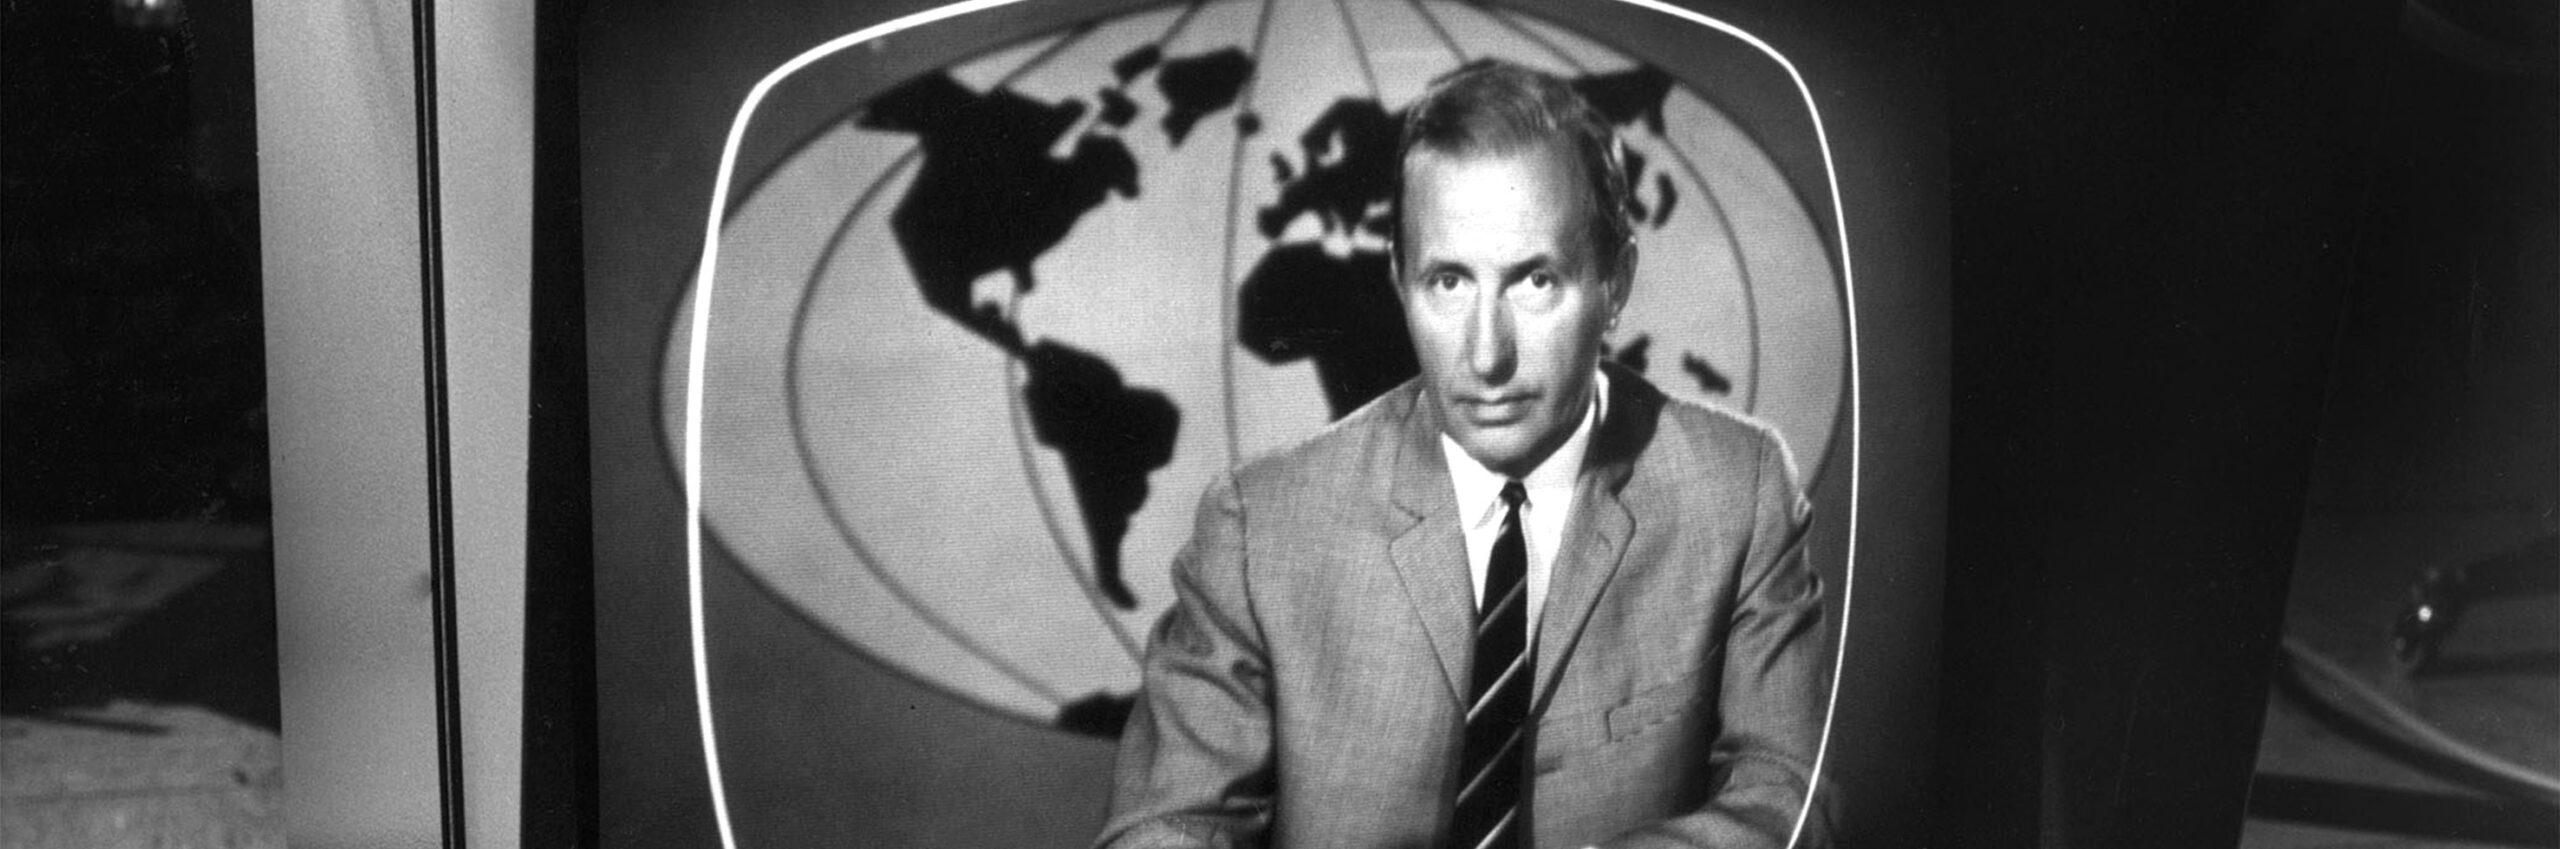 Der Tagesschausprecher Karl-Heinz Köpcke. | Bildquelle: NDR